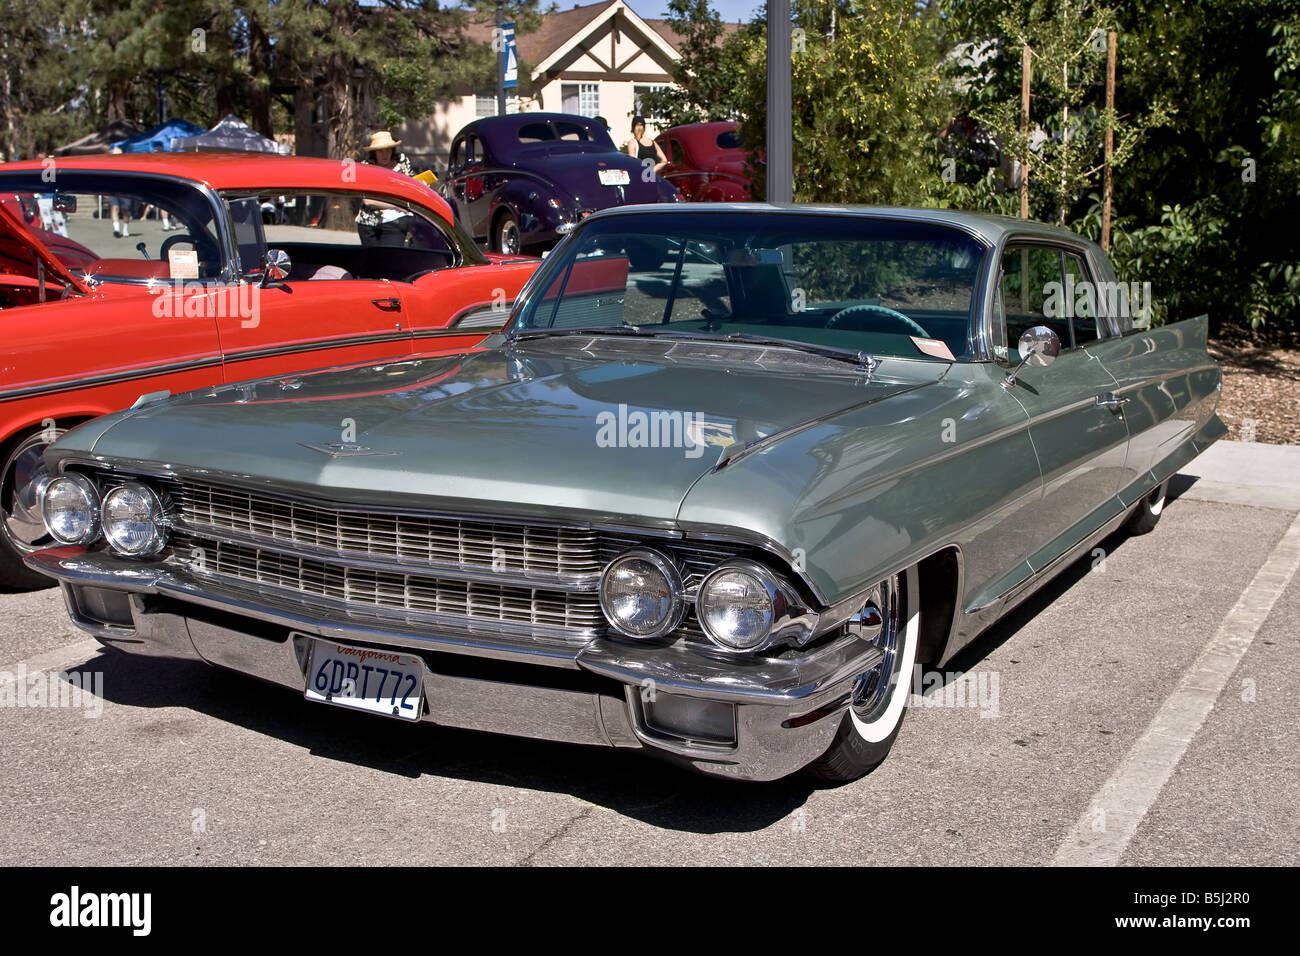 1954 Cadillac 4 Door Sedan Deville Coupe